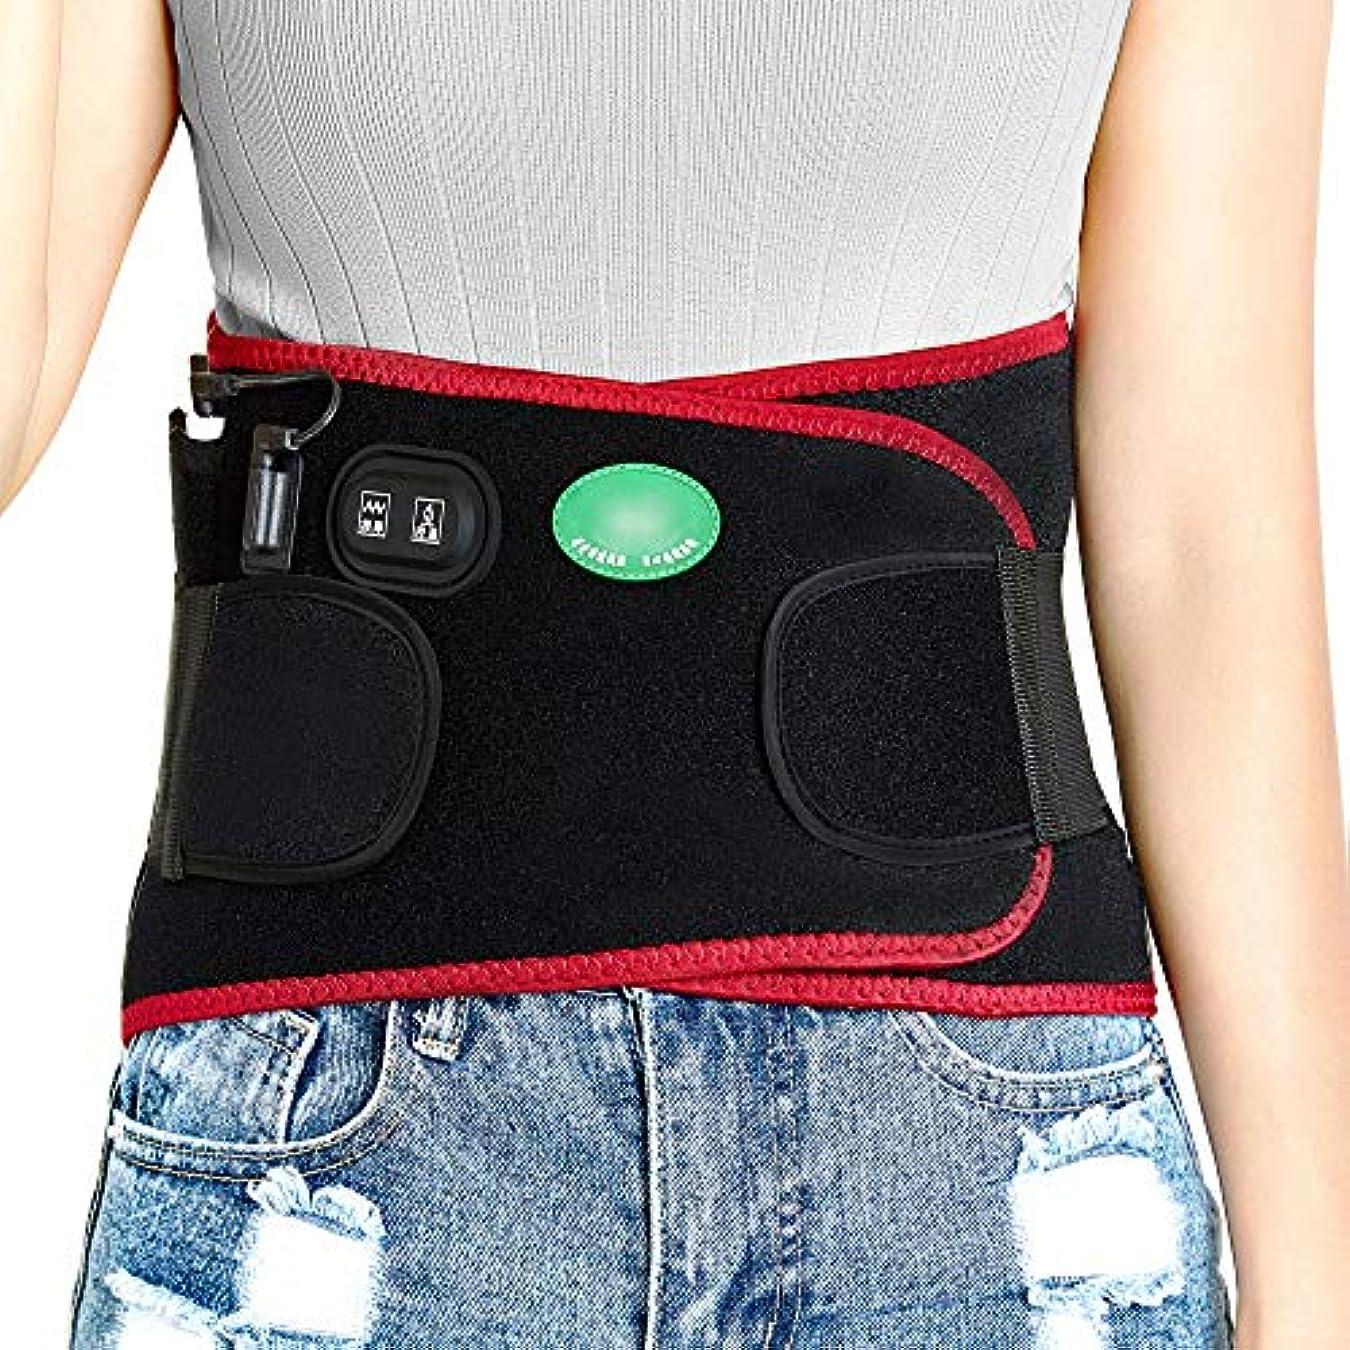 ささやき市町村移植腰用温熱ベルト 腰を支える 腰間盤際立っている 遠赤外線 腰椎の痛み緩和 3段階温度調節 充電式マッサージ振動する労損 熱をつける男女